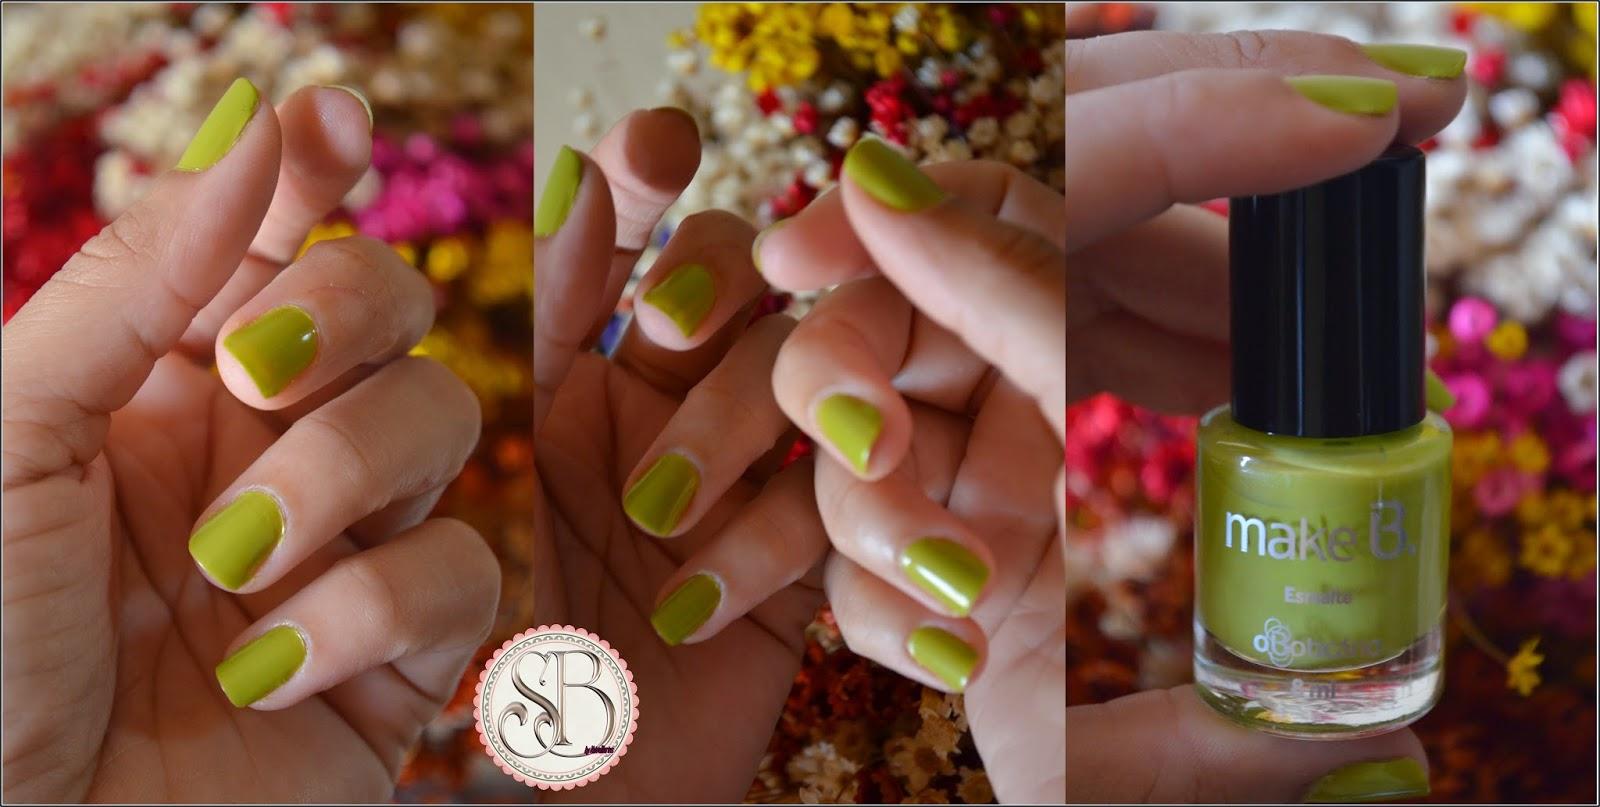 Somando Beleza,Esmalte exotic green make B OBoticario, Linda Linda, Dalí